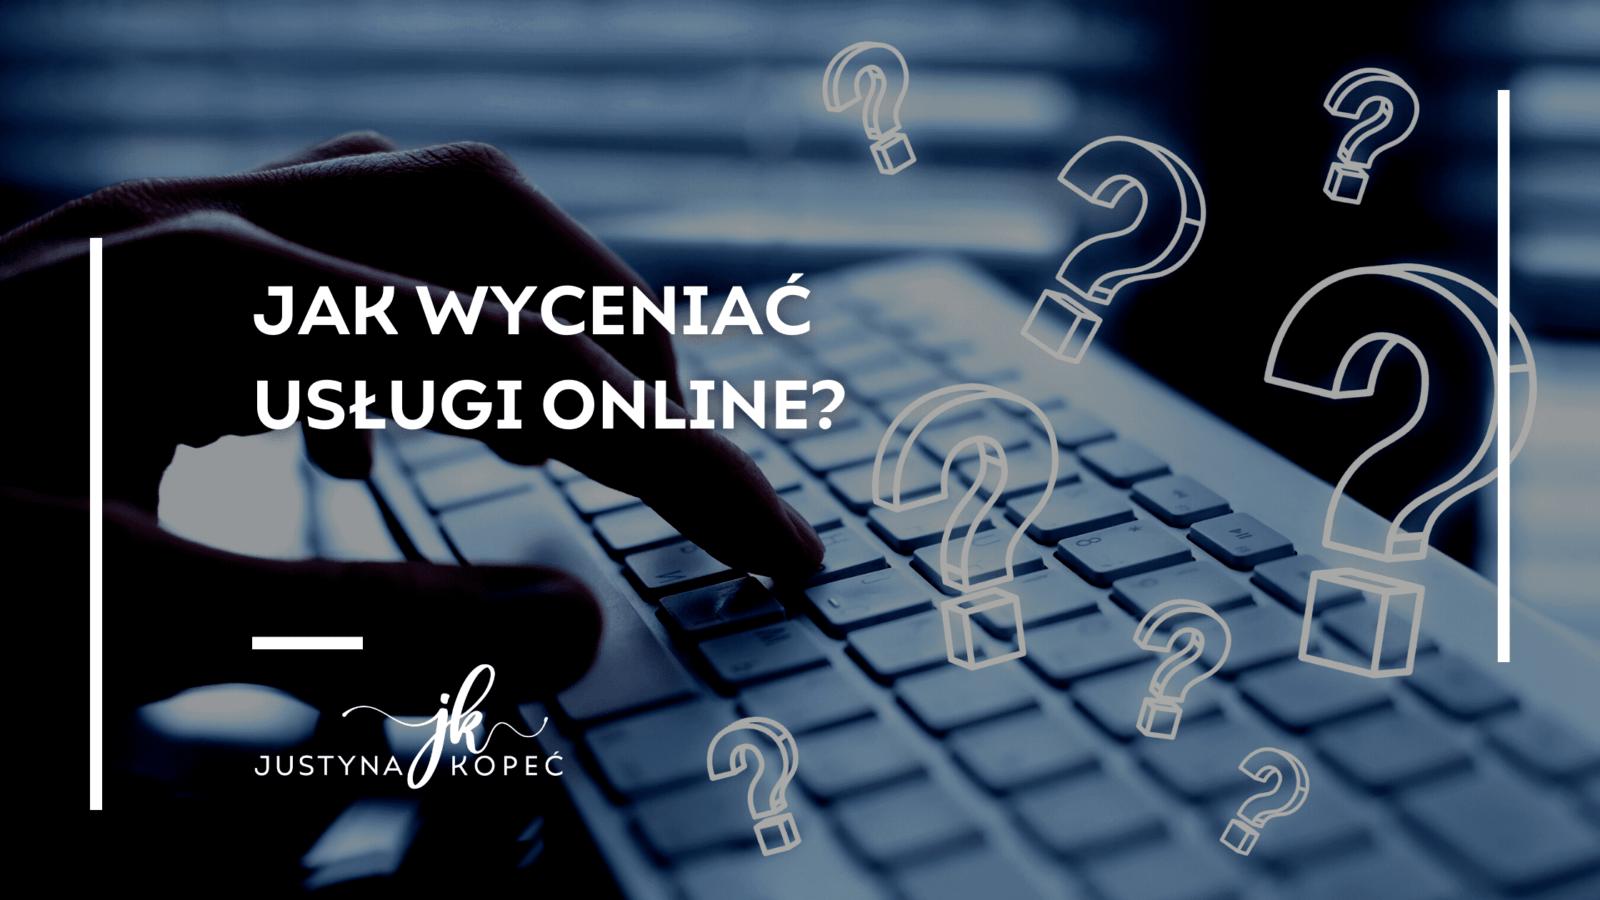 Jak wyceniać usługi online?